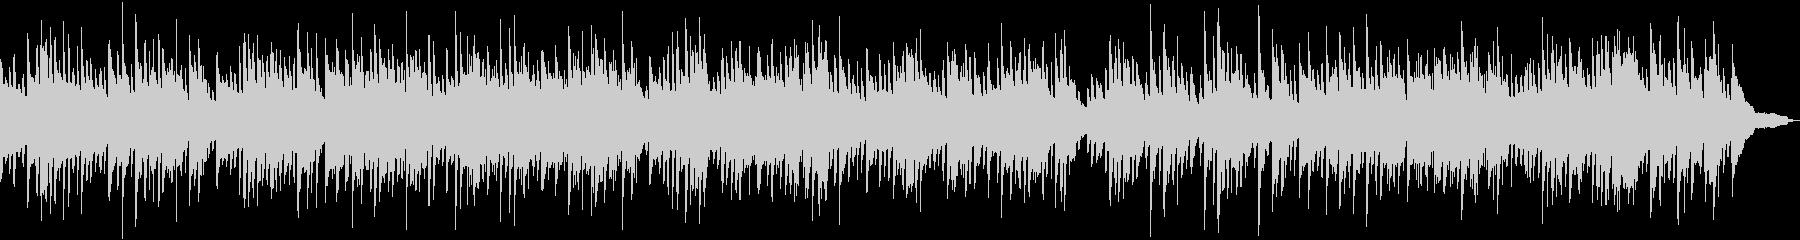 静かで神秘的なイメージBGMです。メデ…の未再生の波形